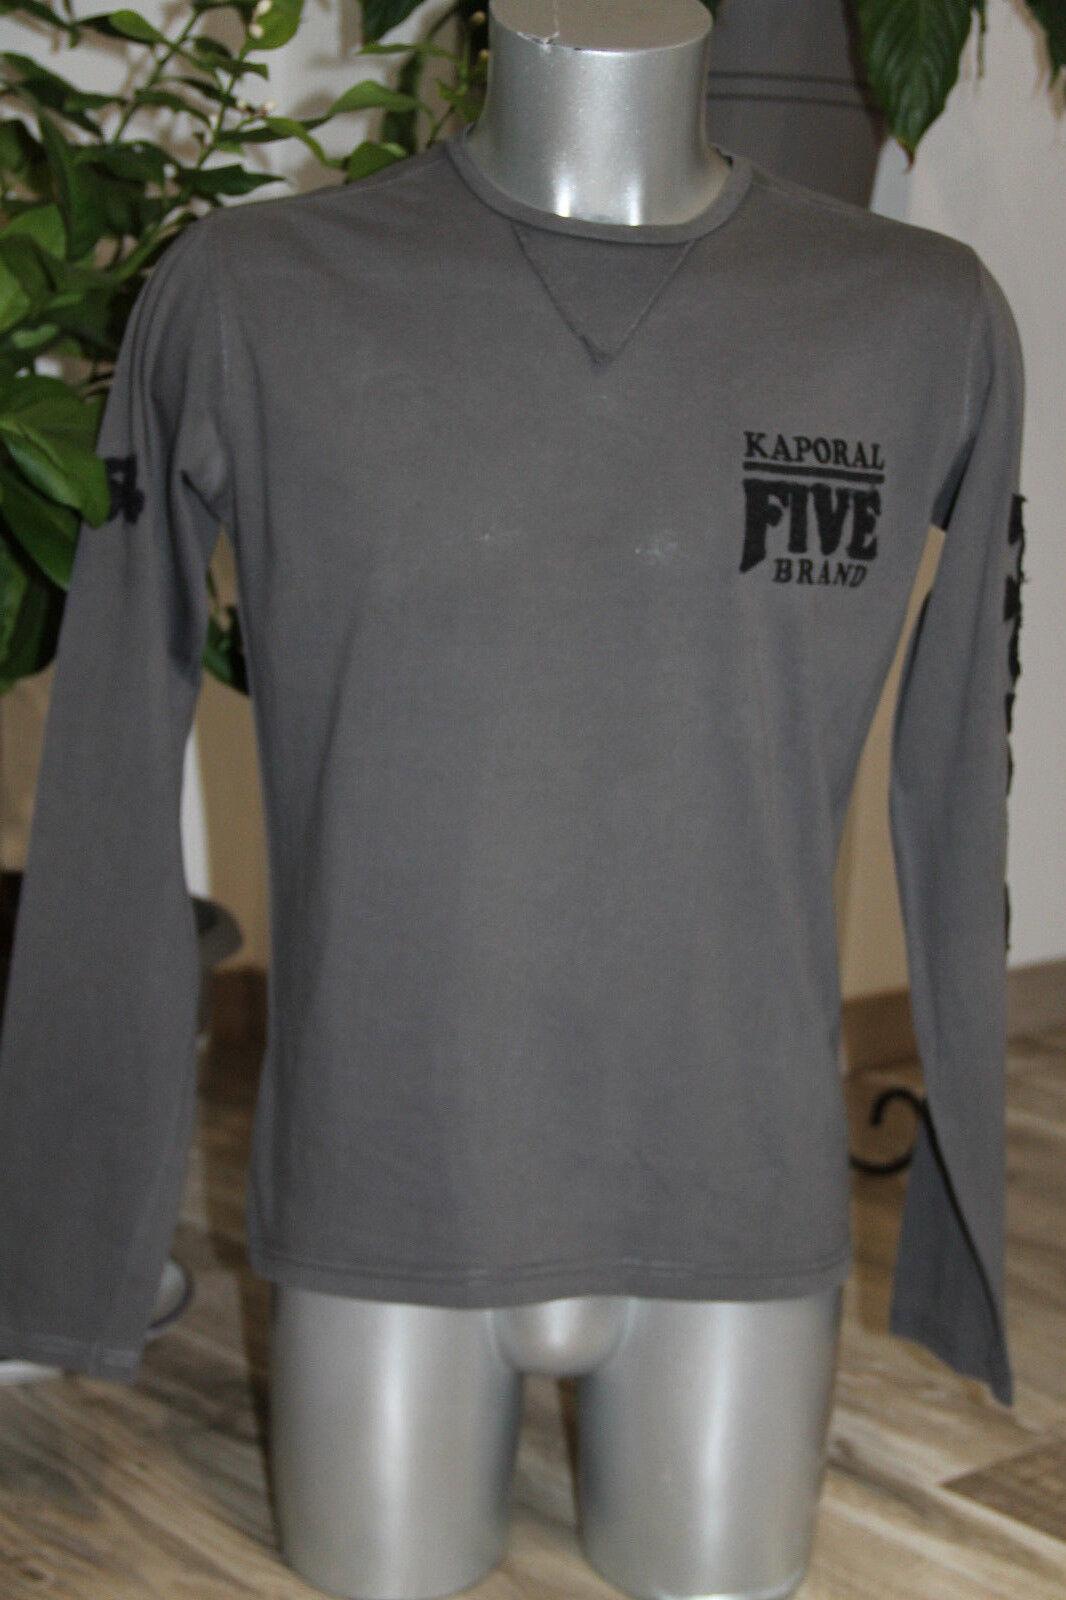 Carino maglioncino fine uomo girocollo di cotone grigio KAPORAL 5 Taglia M